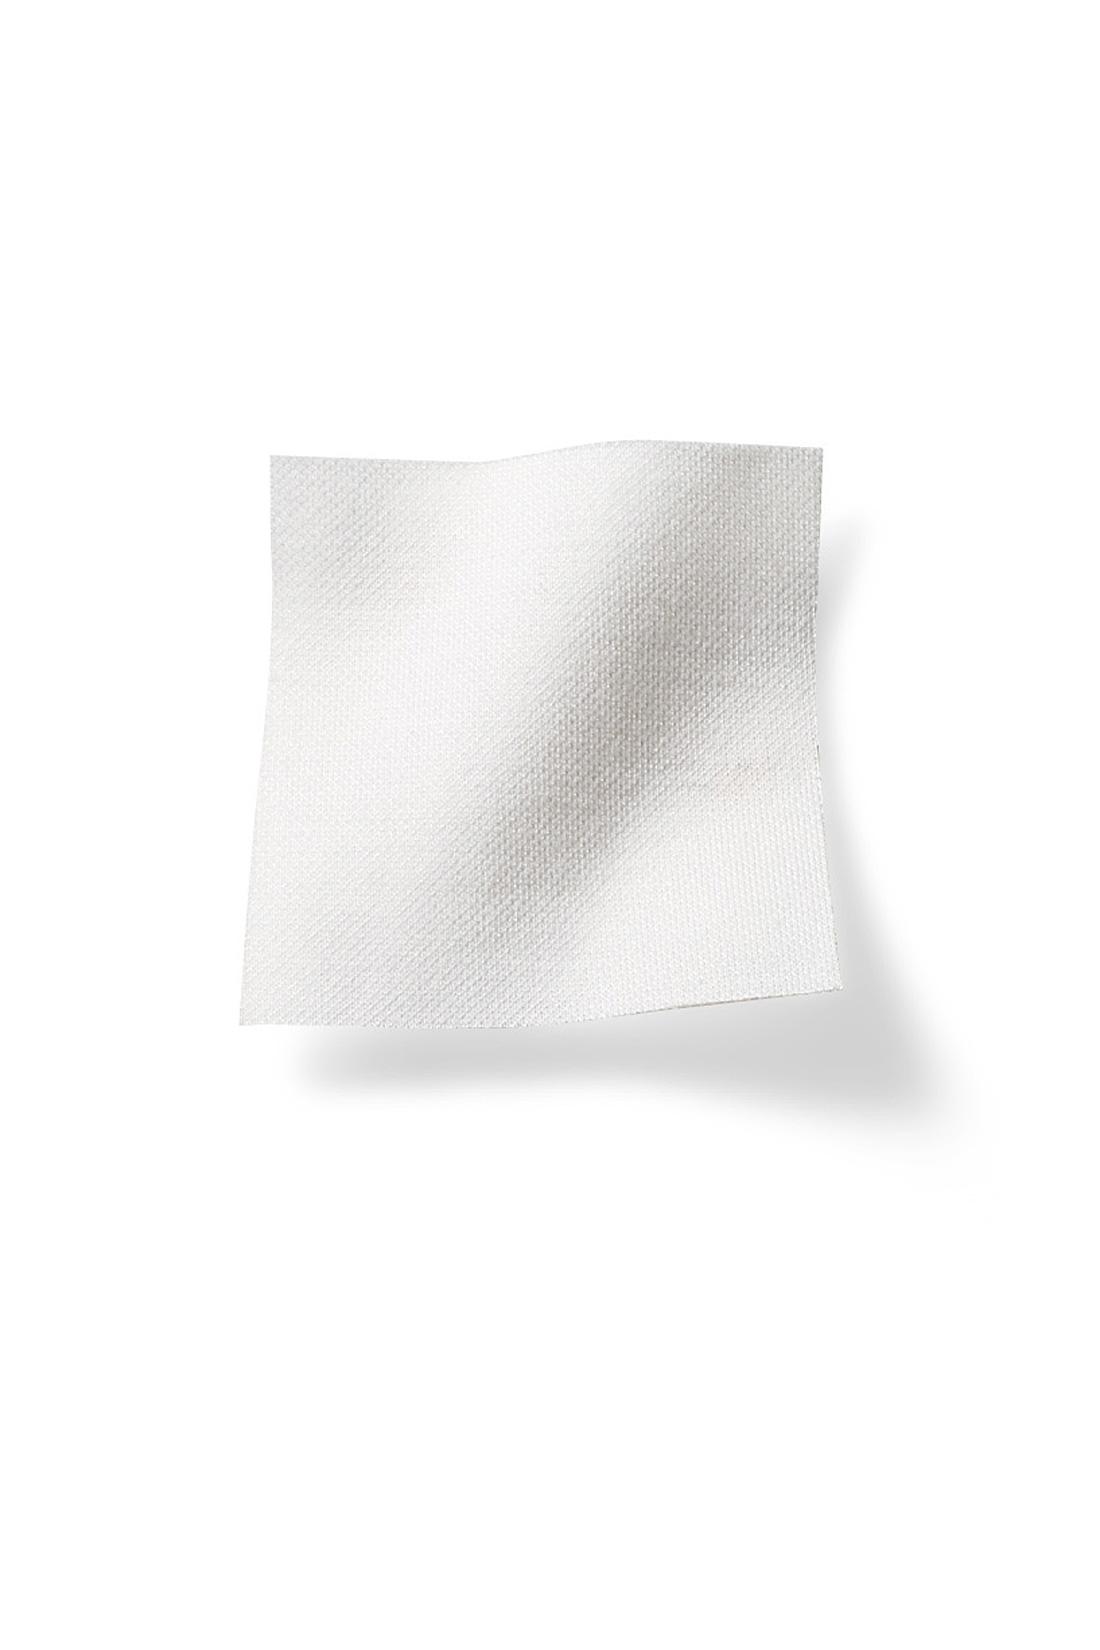 布はくに見えるきれいなカットソー素材。動きやすくしわになりにくい上に、お手入れもらくちん。